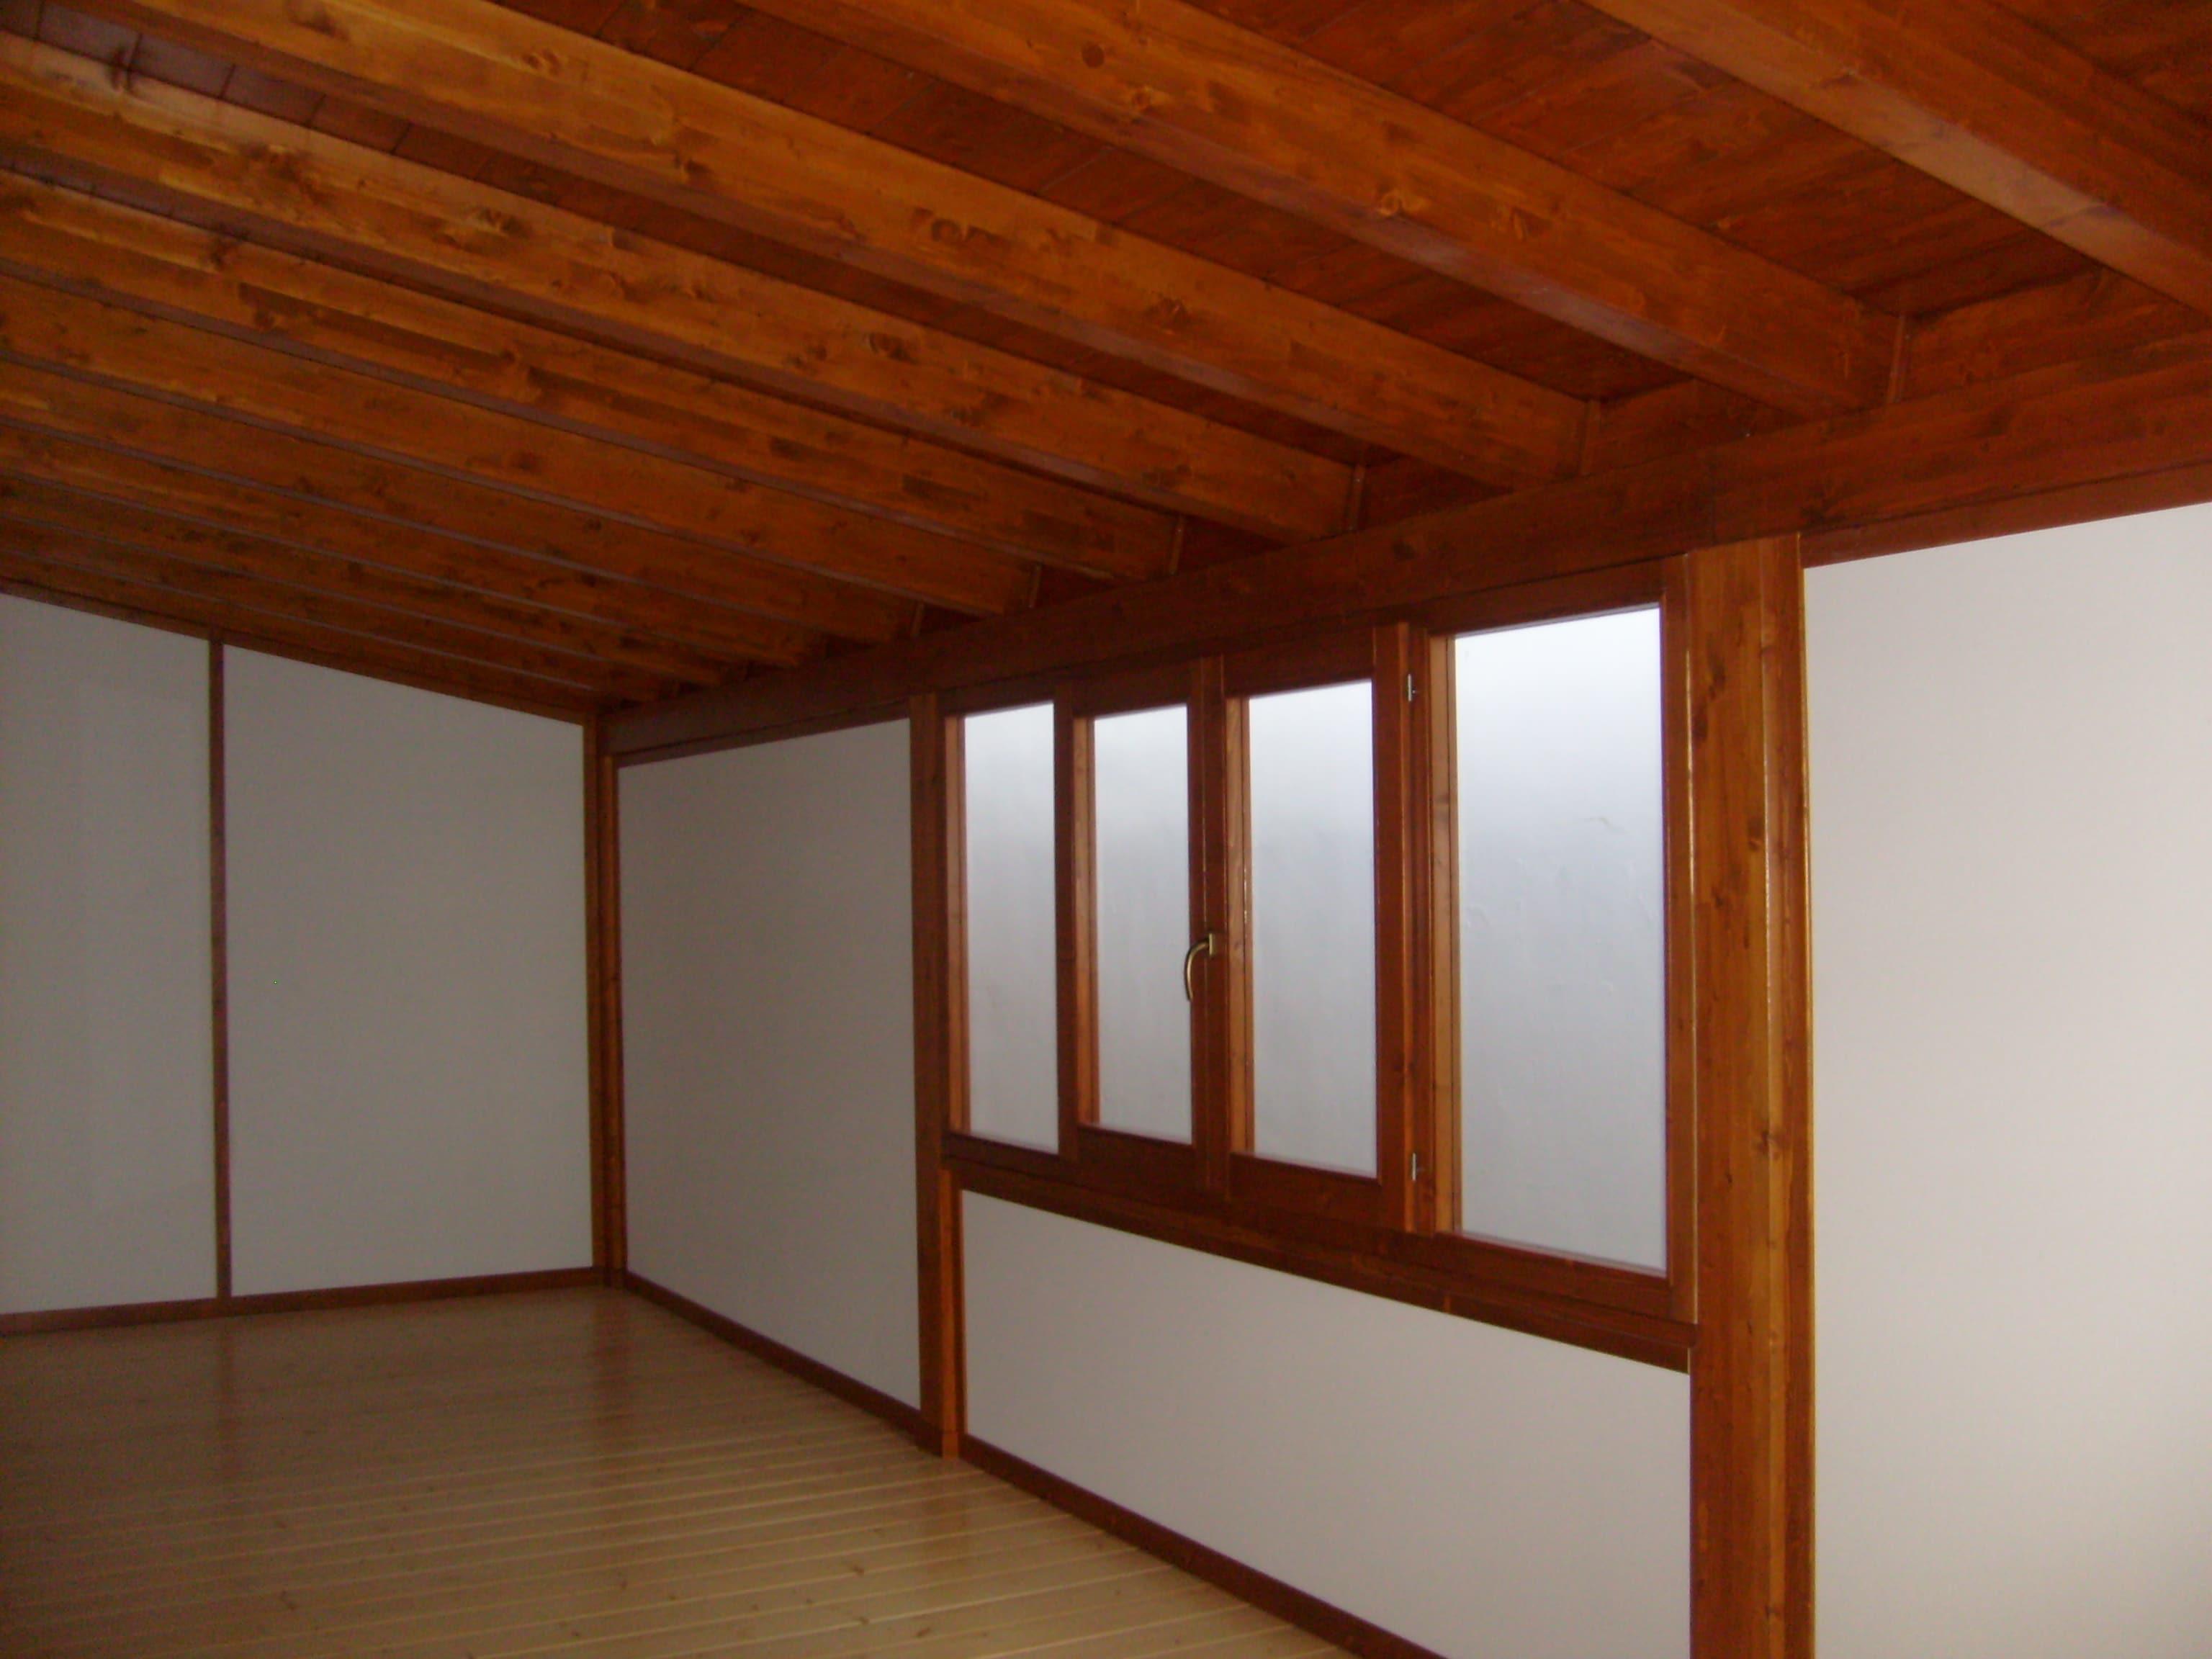 Interno box indipendente per esterno in legno lamellare abete verniciato